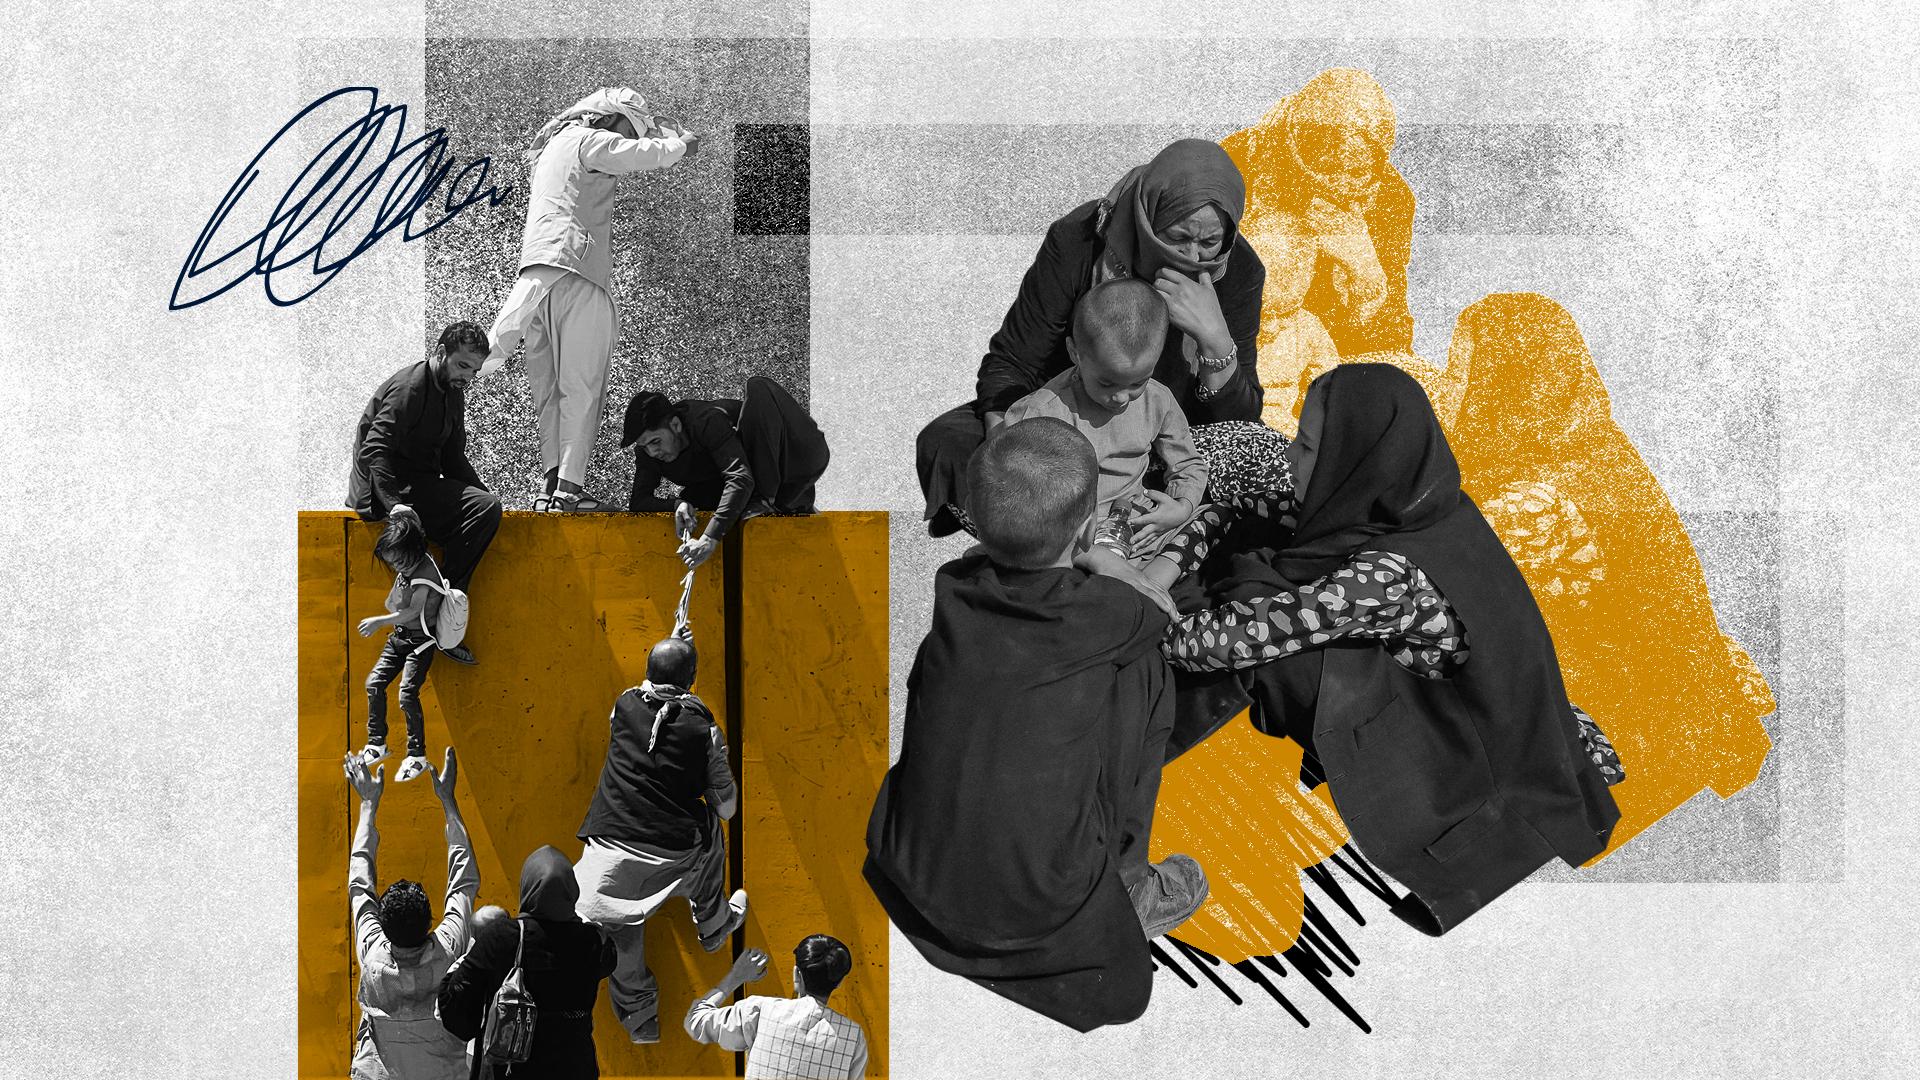 Las experiencias con refugiados sirios que podrían replicarse para recibir familias de Afganistán